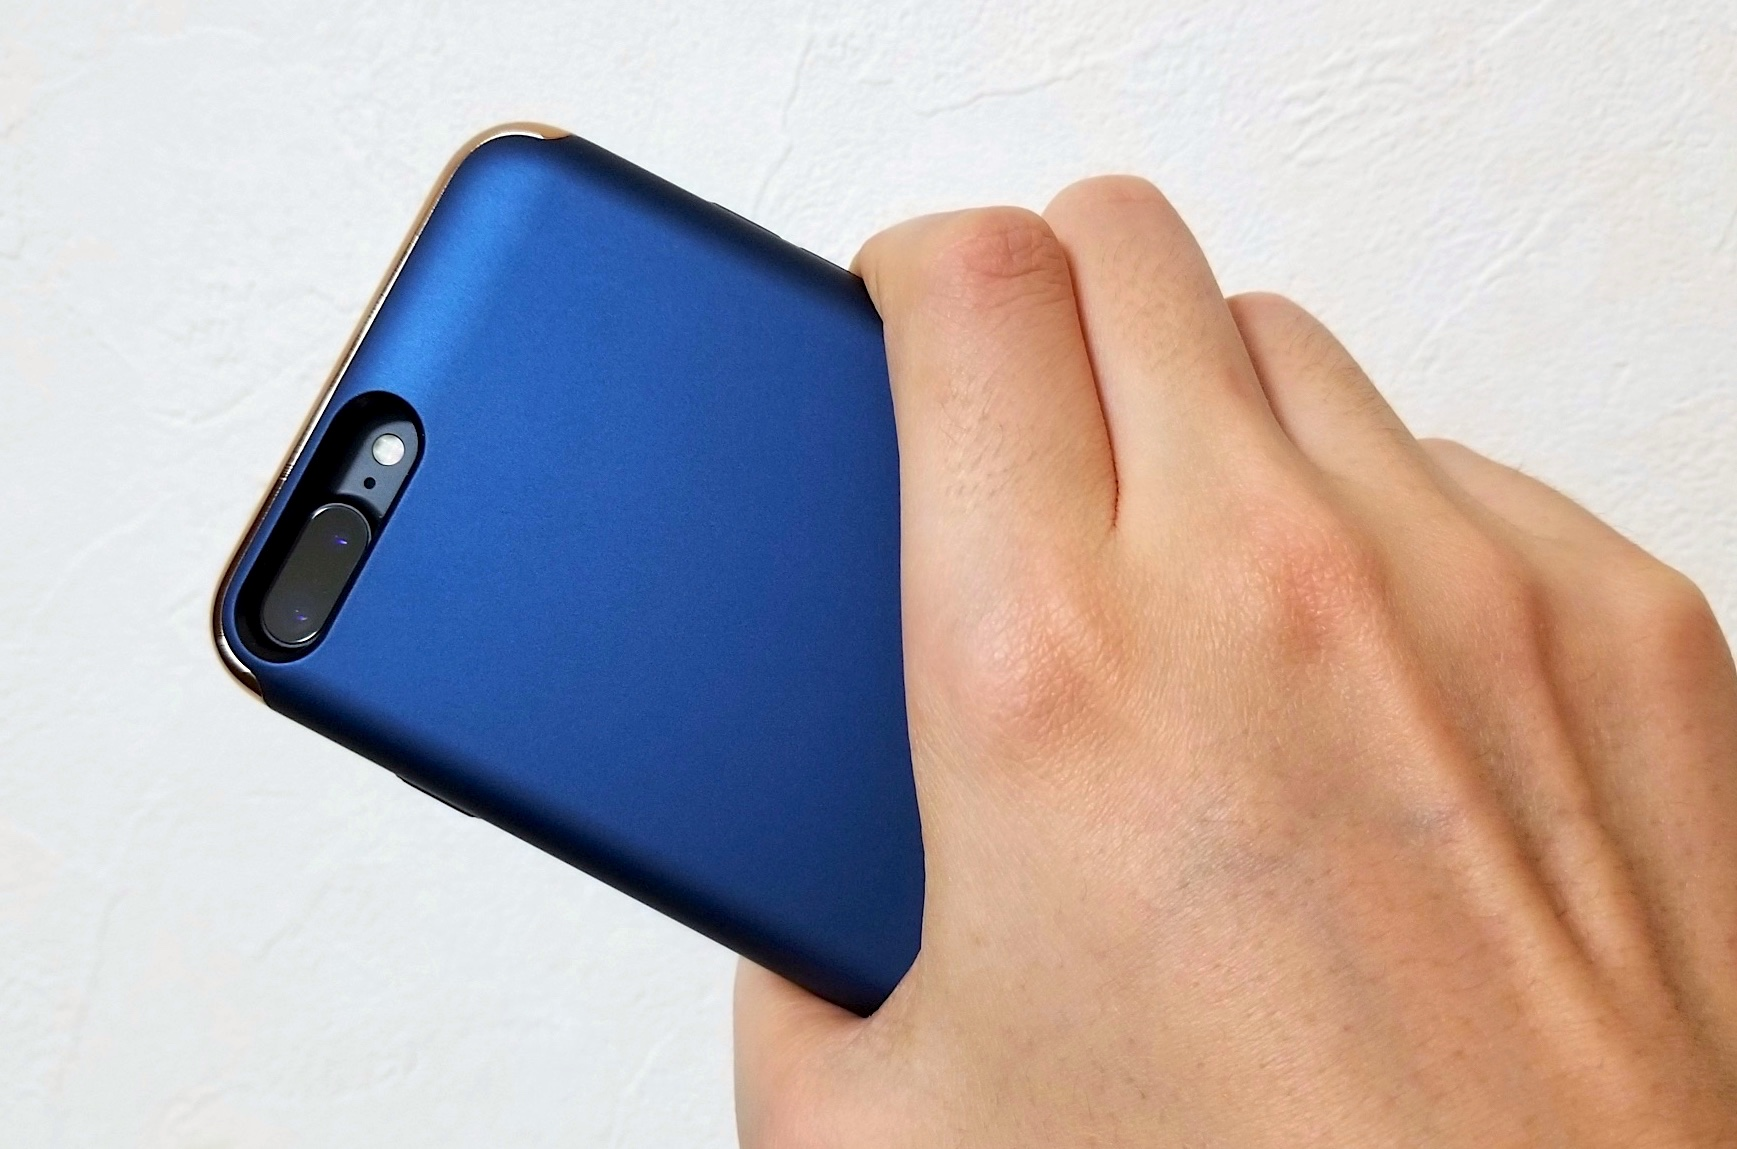 モバイルバッテリーやケーブル不要で充電『KYOKA iPhone 7 Plus用バッテリー内蔵ケース』レビュー